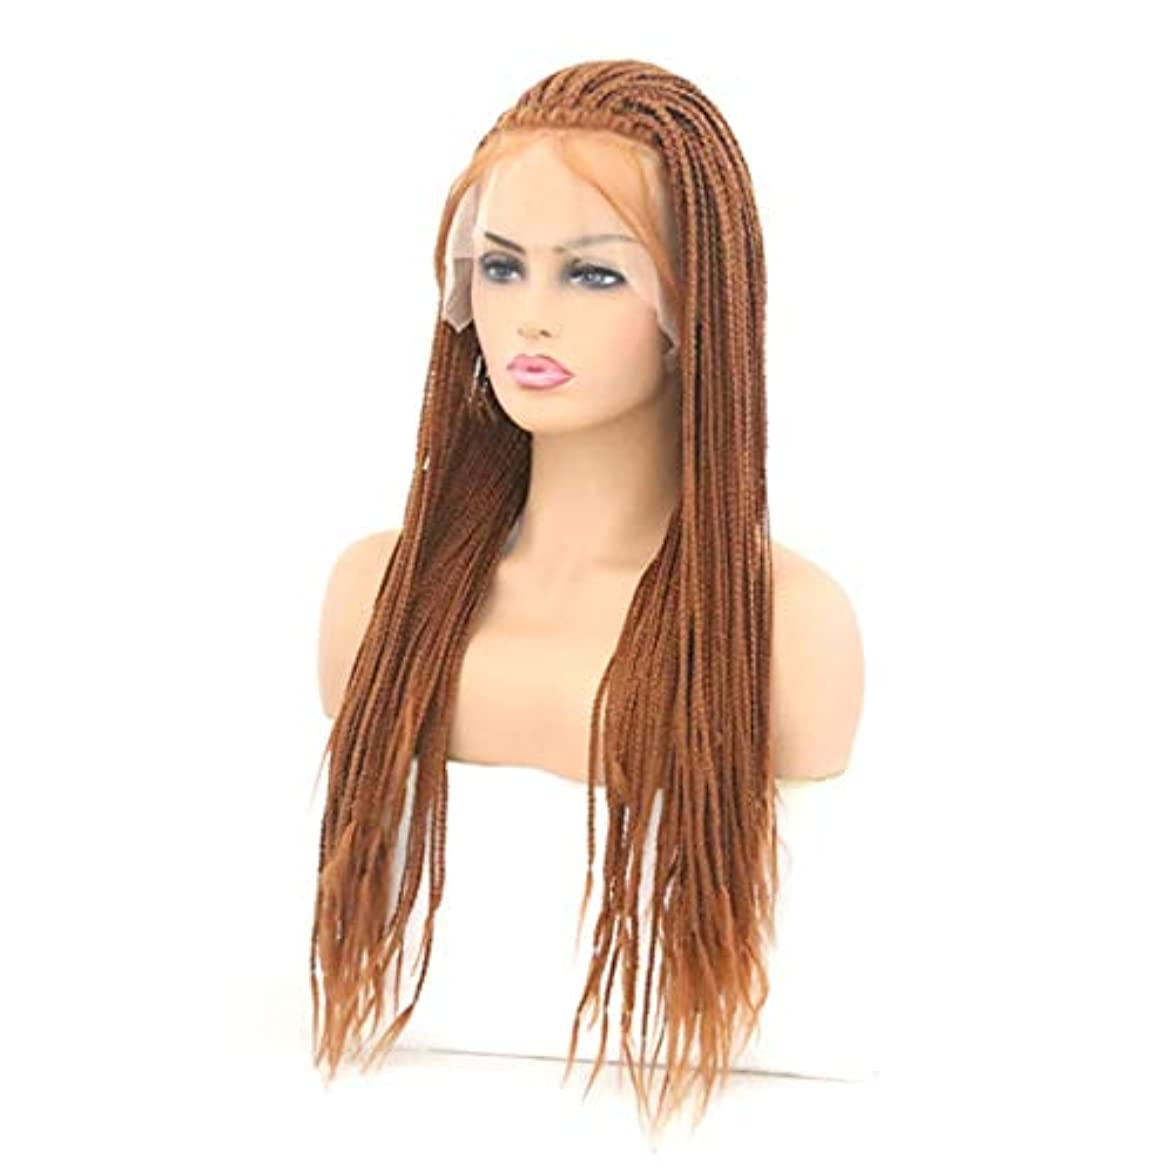 持っている文法真剣にKerwinner かつら女性のための傾斜前髪ショートカーリーヘアーワインレッド高温シルクウィッグ